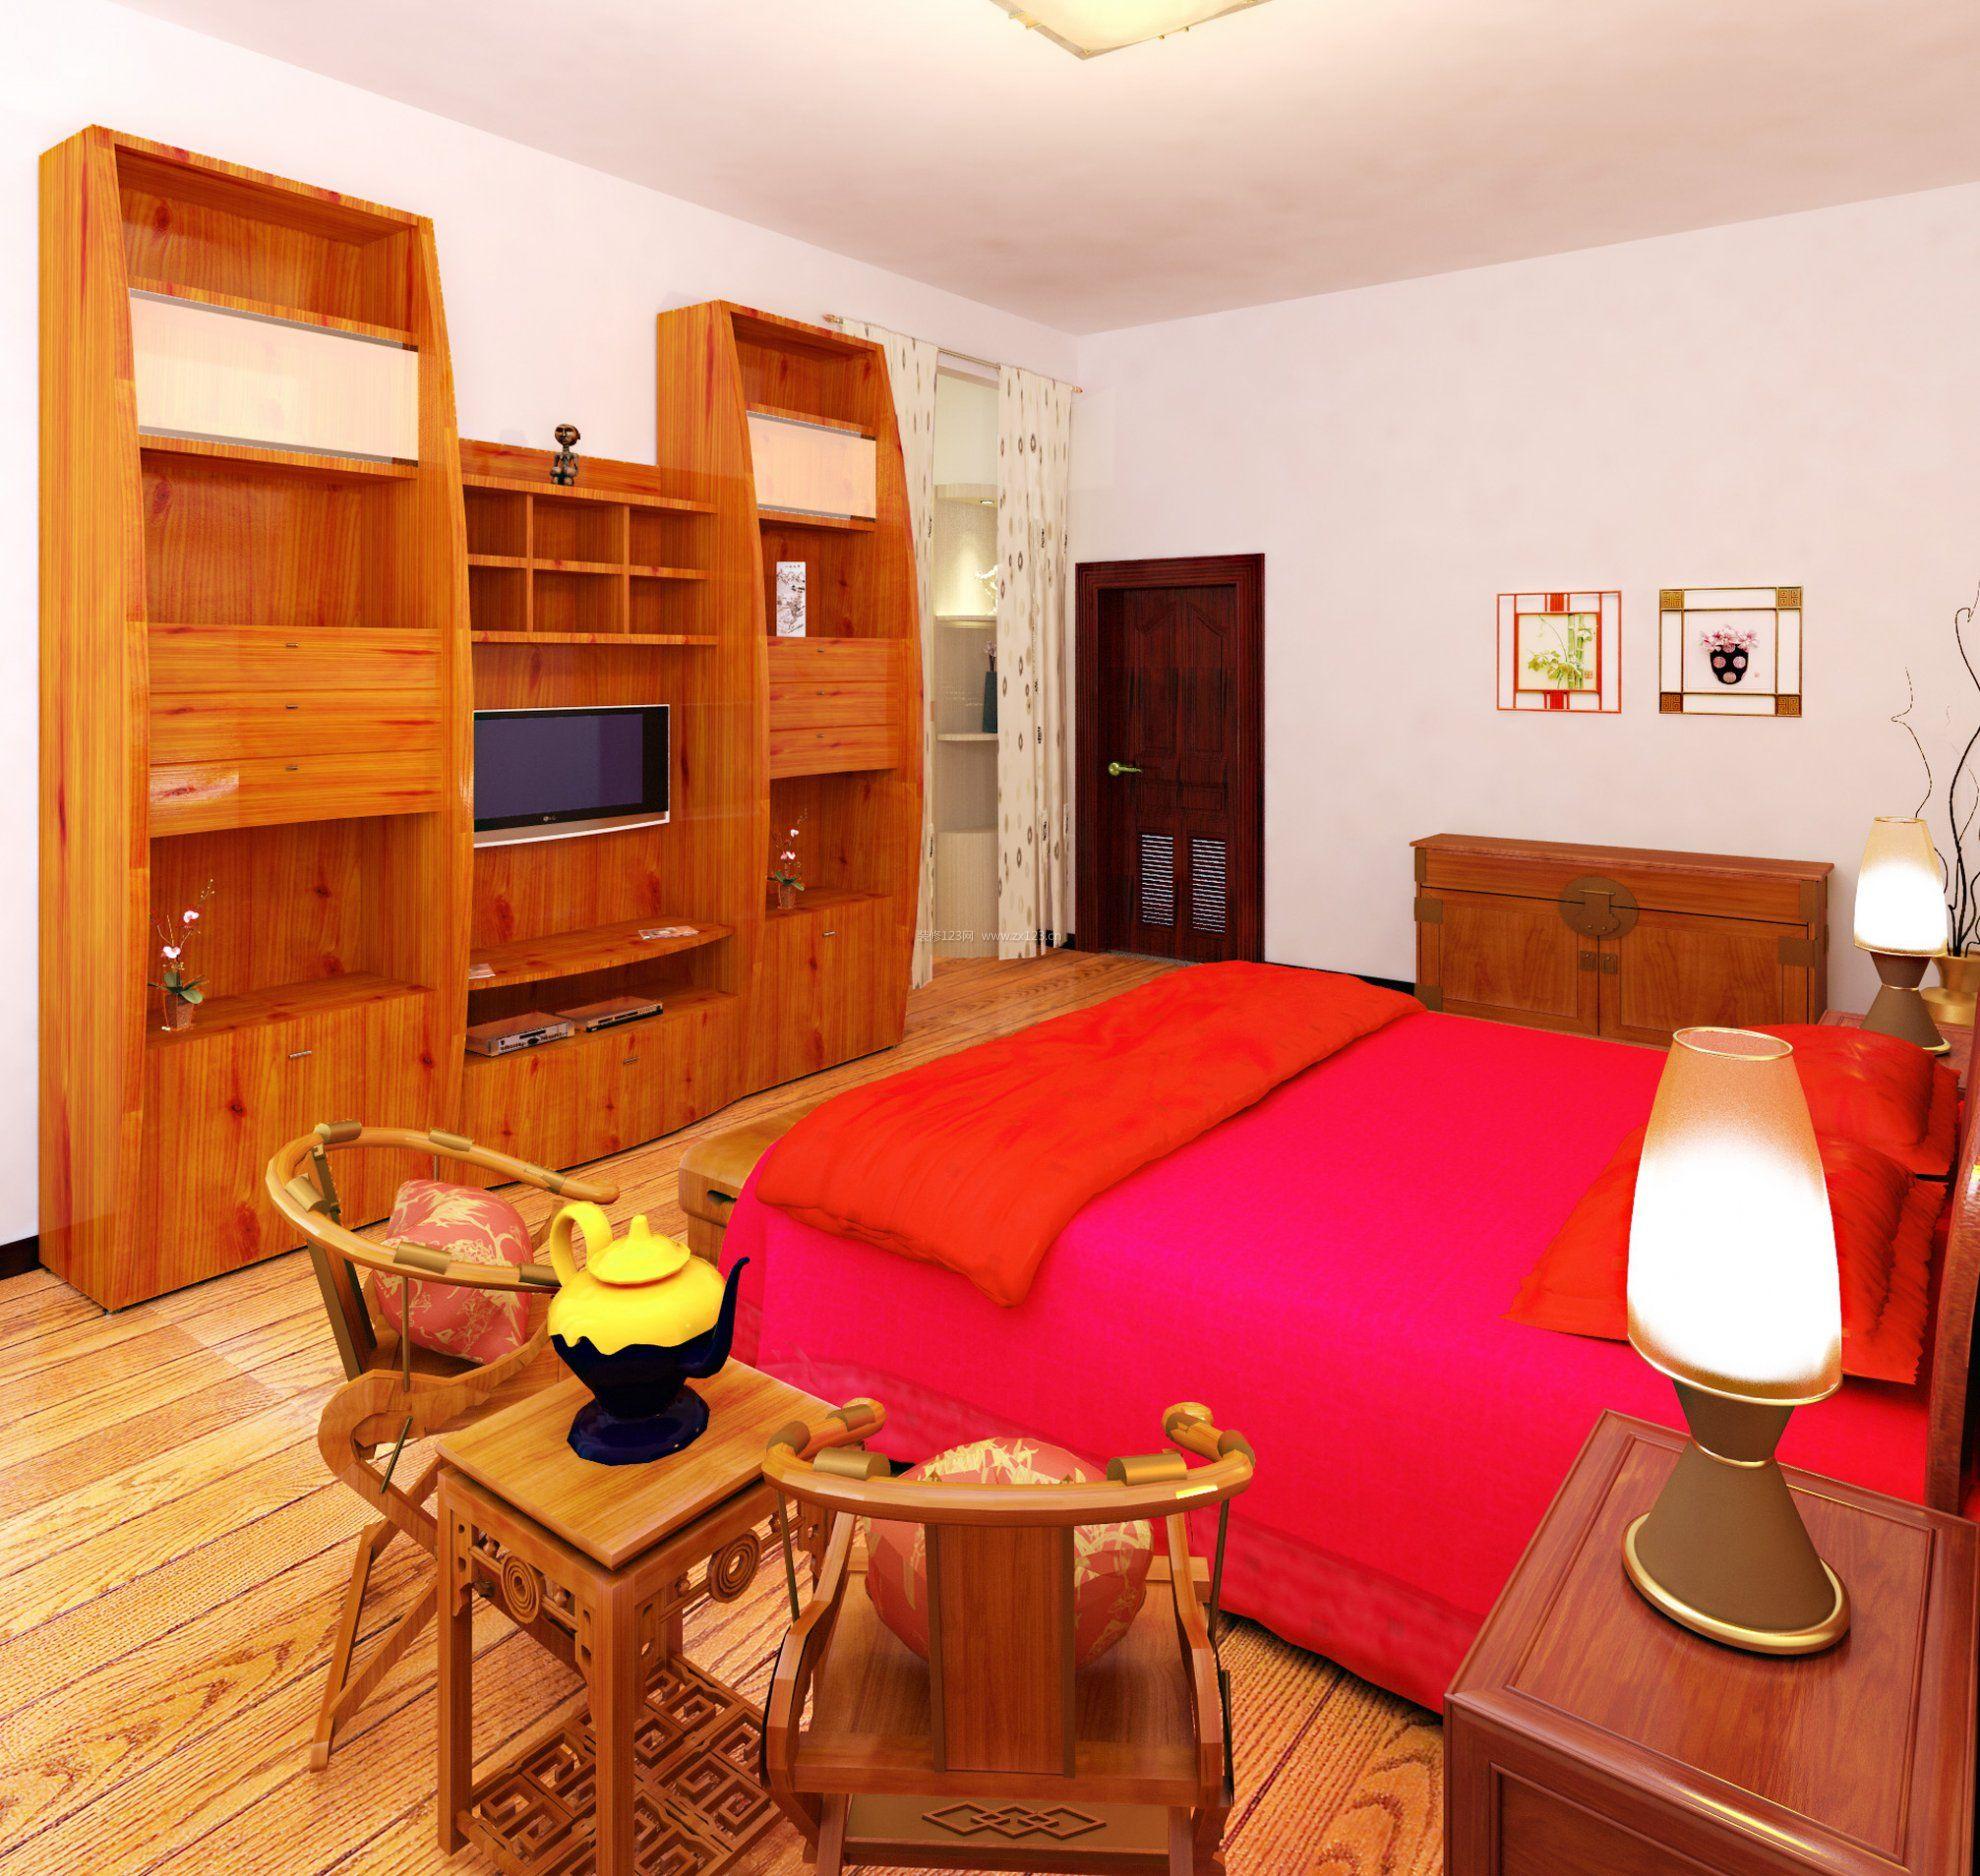 农村婚房装卧室实木家具修效果图